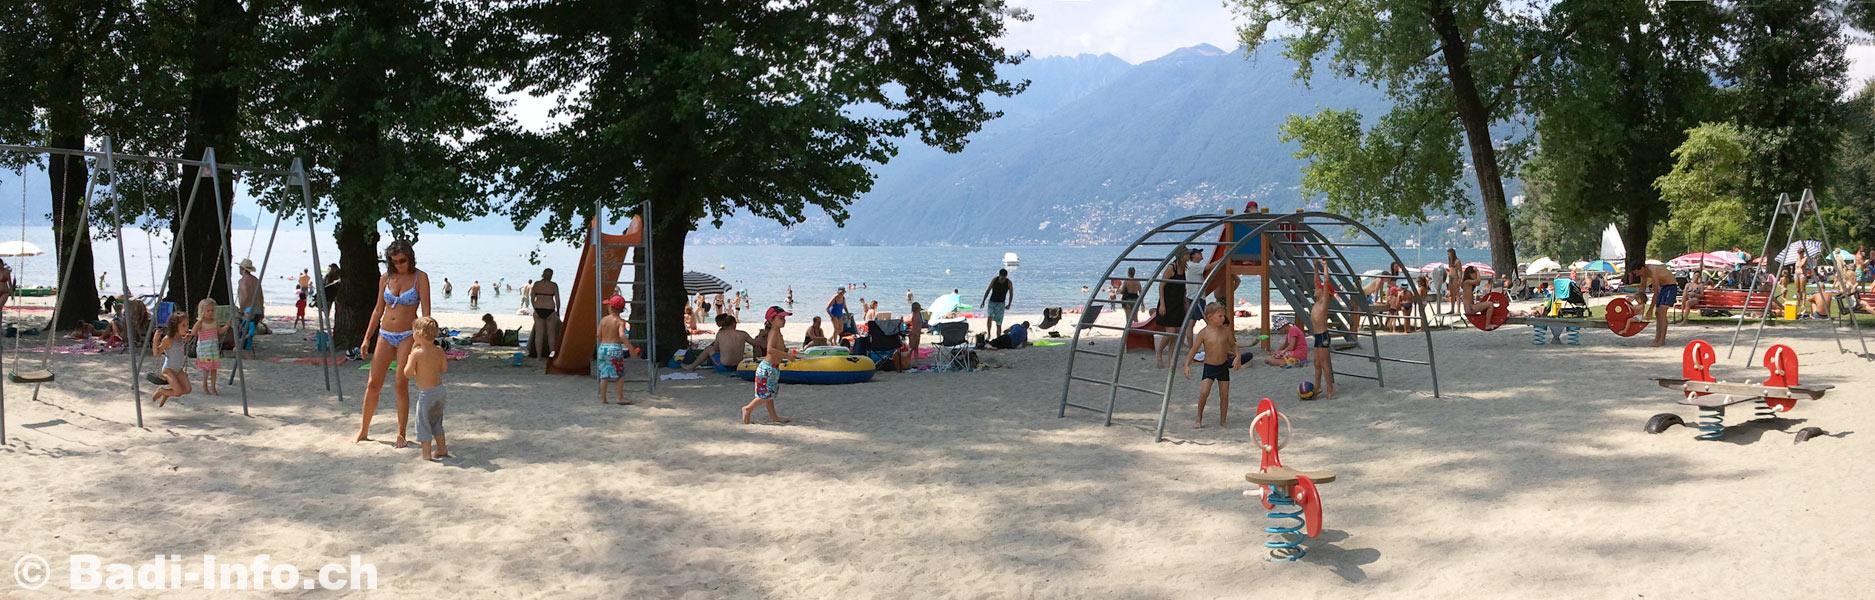 Ascona bagno pubblico kinder - Bagno pubblico ascona ...